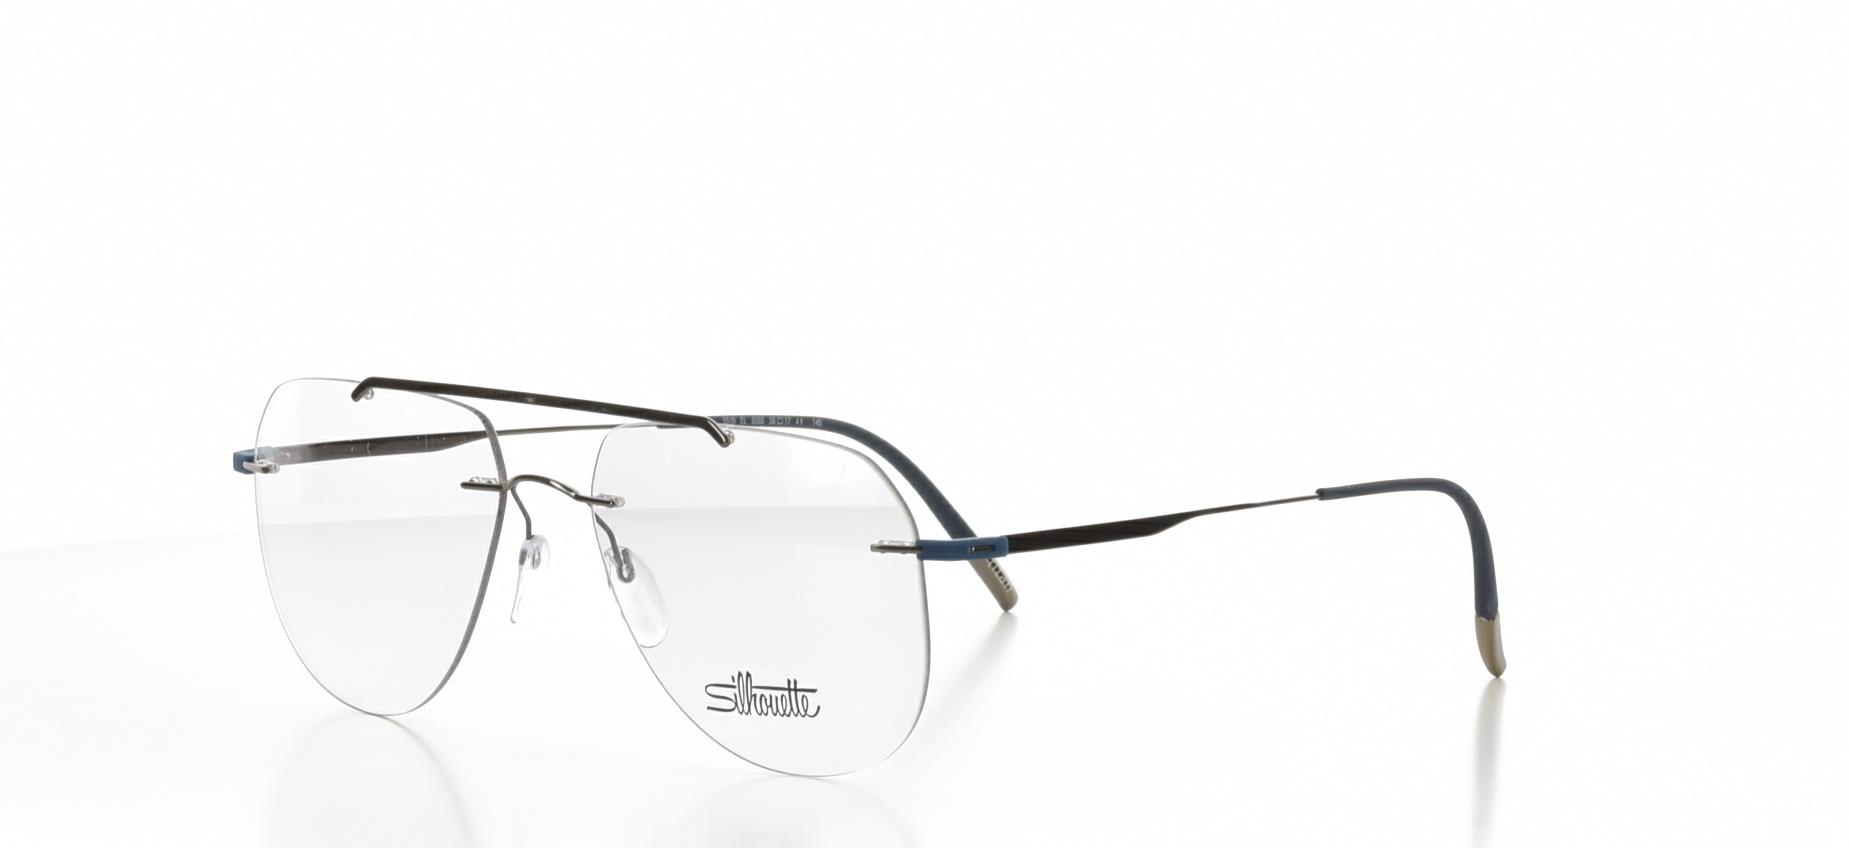 pe picioare imagini din vânzări cu ridicata site web pentru reducere Rame-ochelari-barbati - Rama-ochelari-vedere-Silhouette-5516-EL-6565